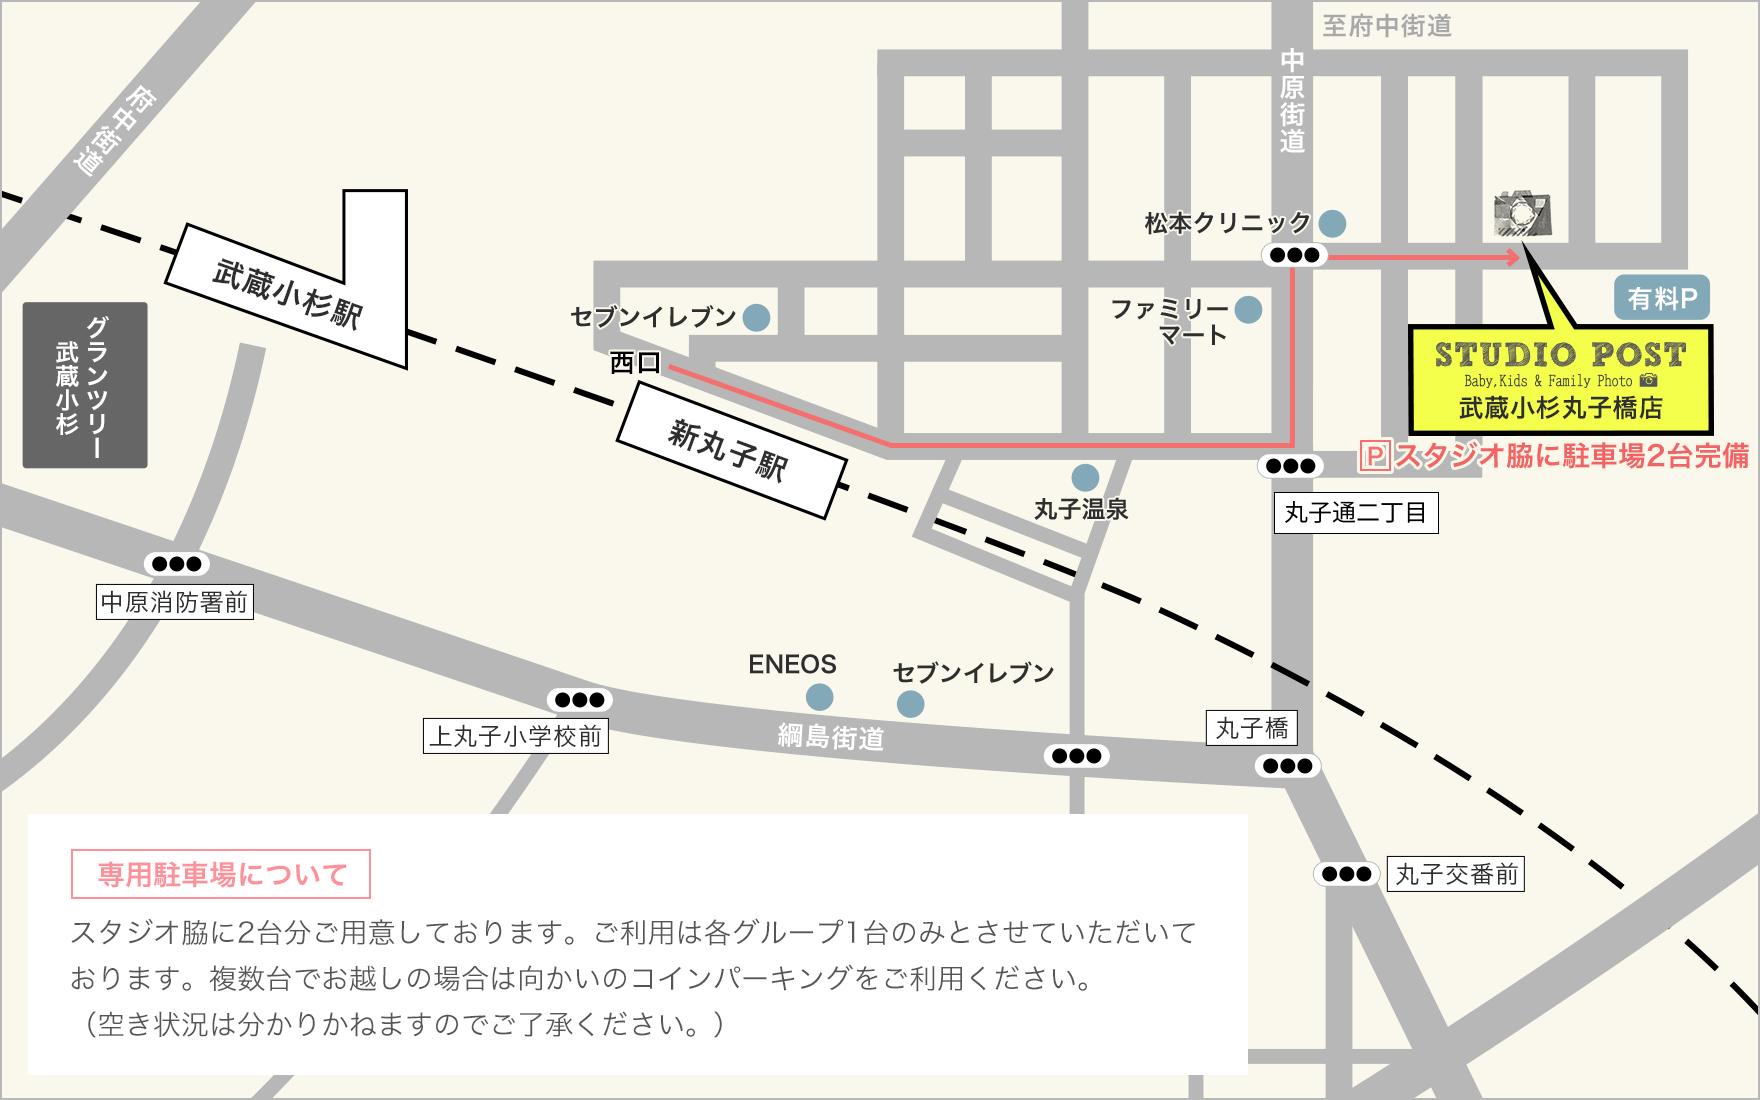 スタジオポスト 武蔵小杉丸子橋店へのアクセス